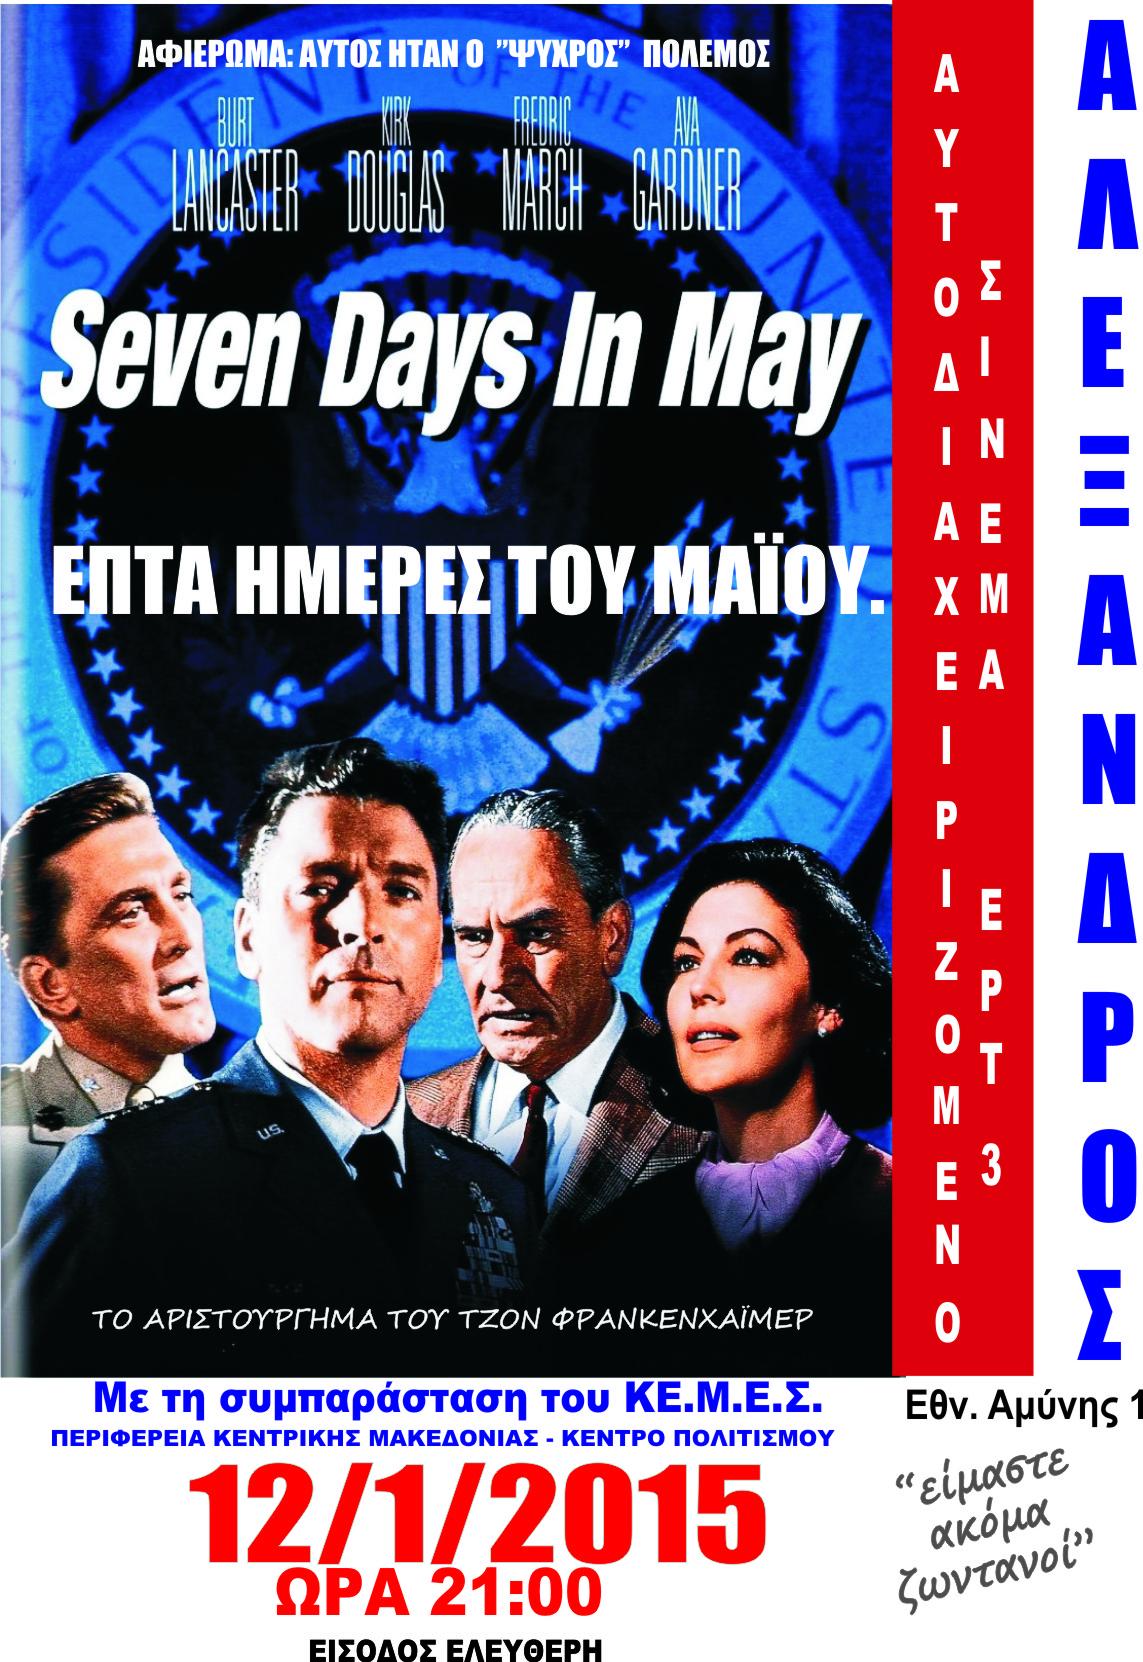 «Επτά ημέρες του Μαΐου» από την Ταινιοθήκη της ΕΡΤ-3